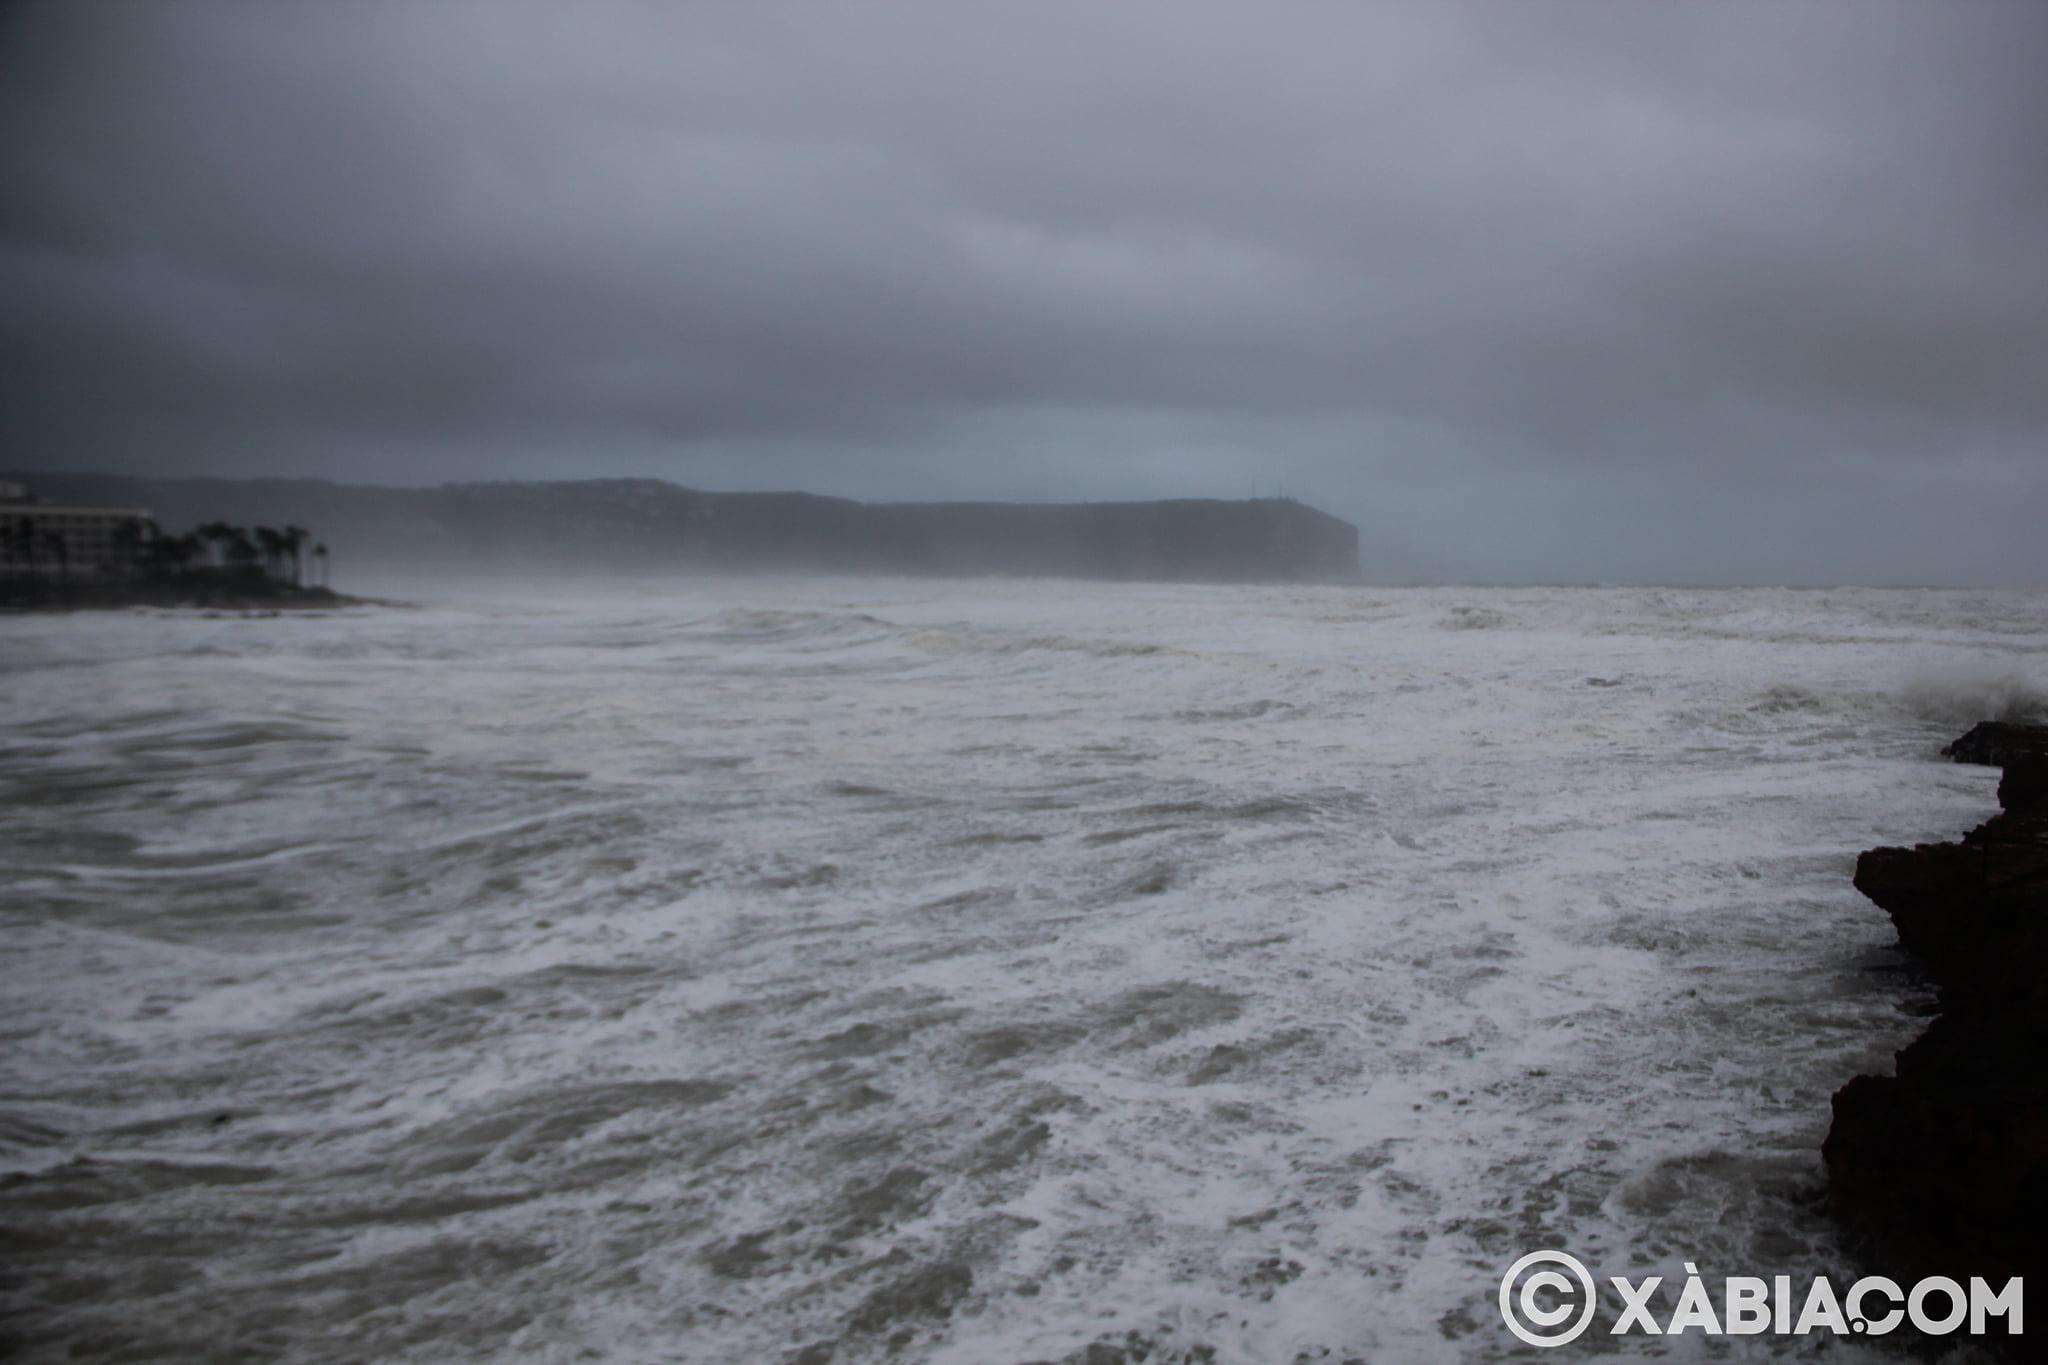 Brandelli di pioggia, vento e mare in Xàbia (17)